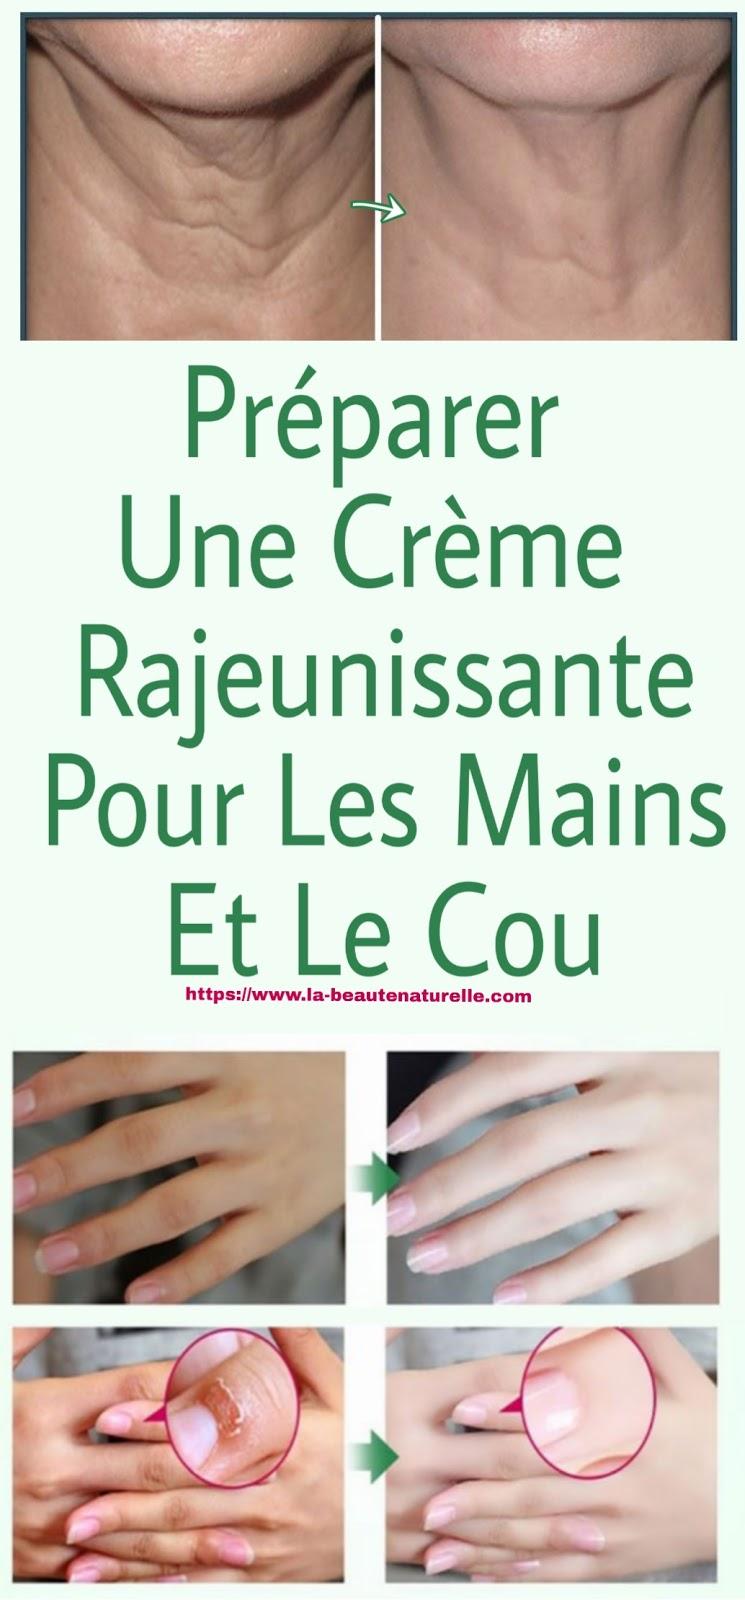 Préparer Une Crème Rajeunissante Pour Les Mains Et Le Cou